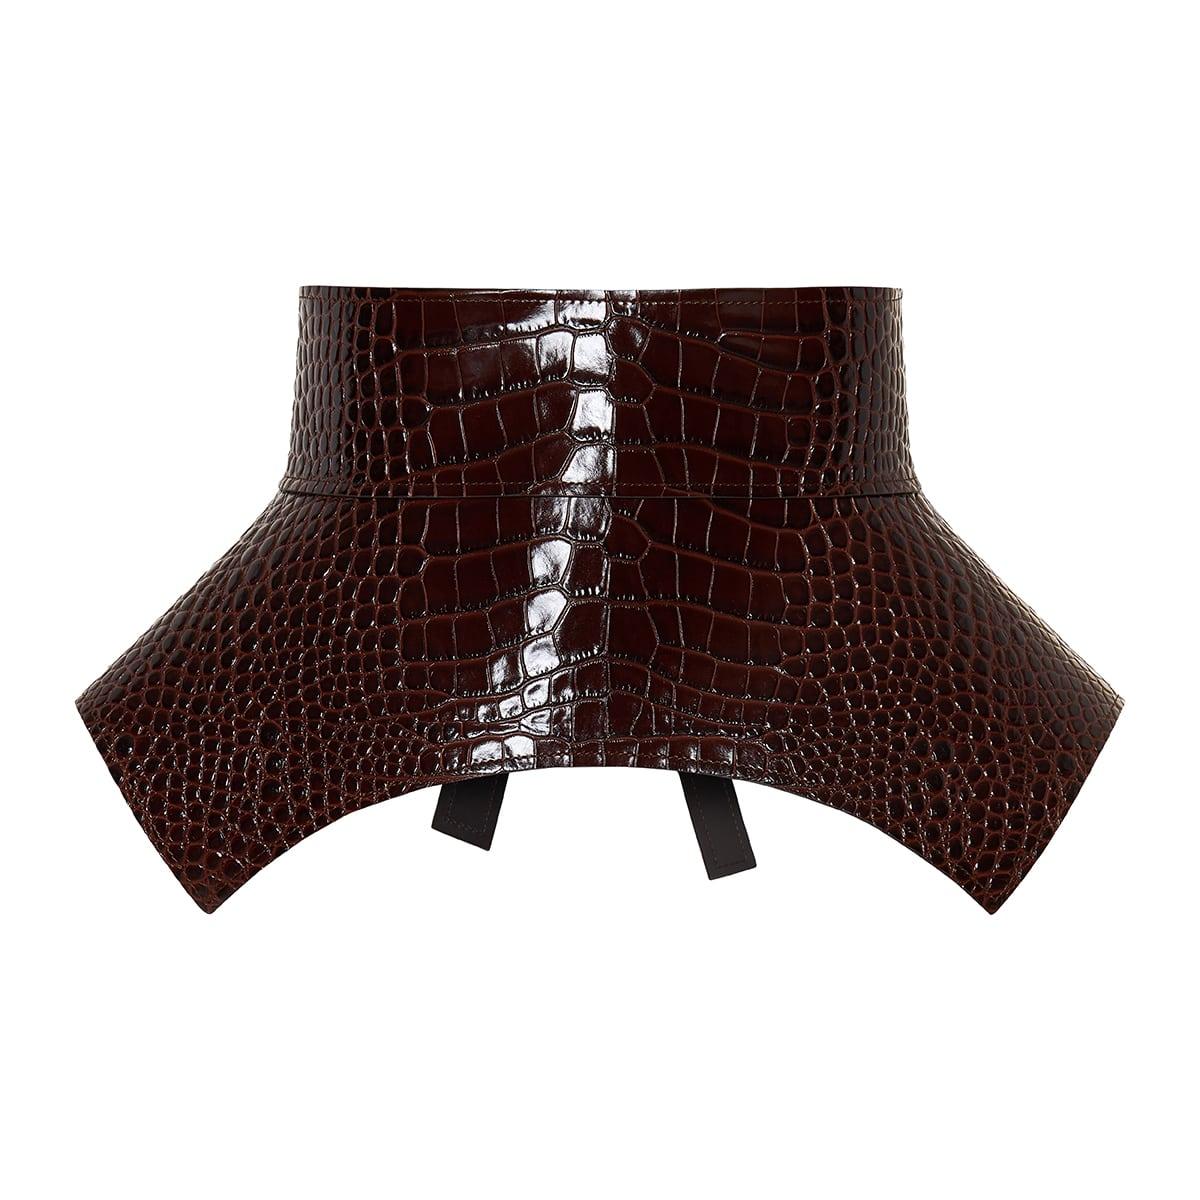 Obi croc-effect leather corset belt